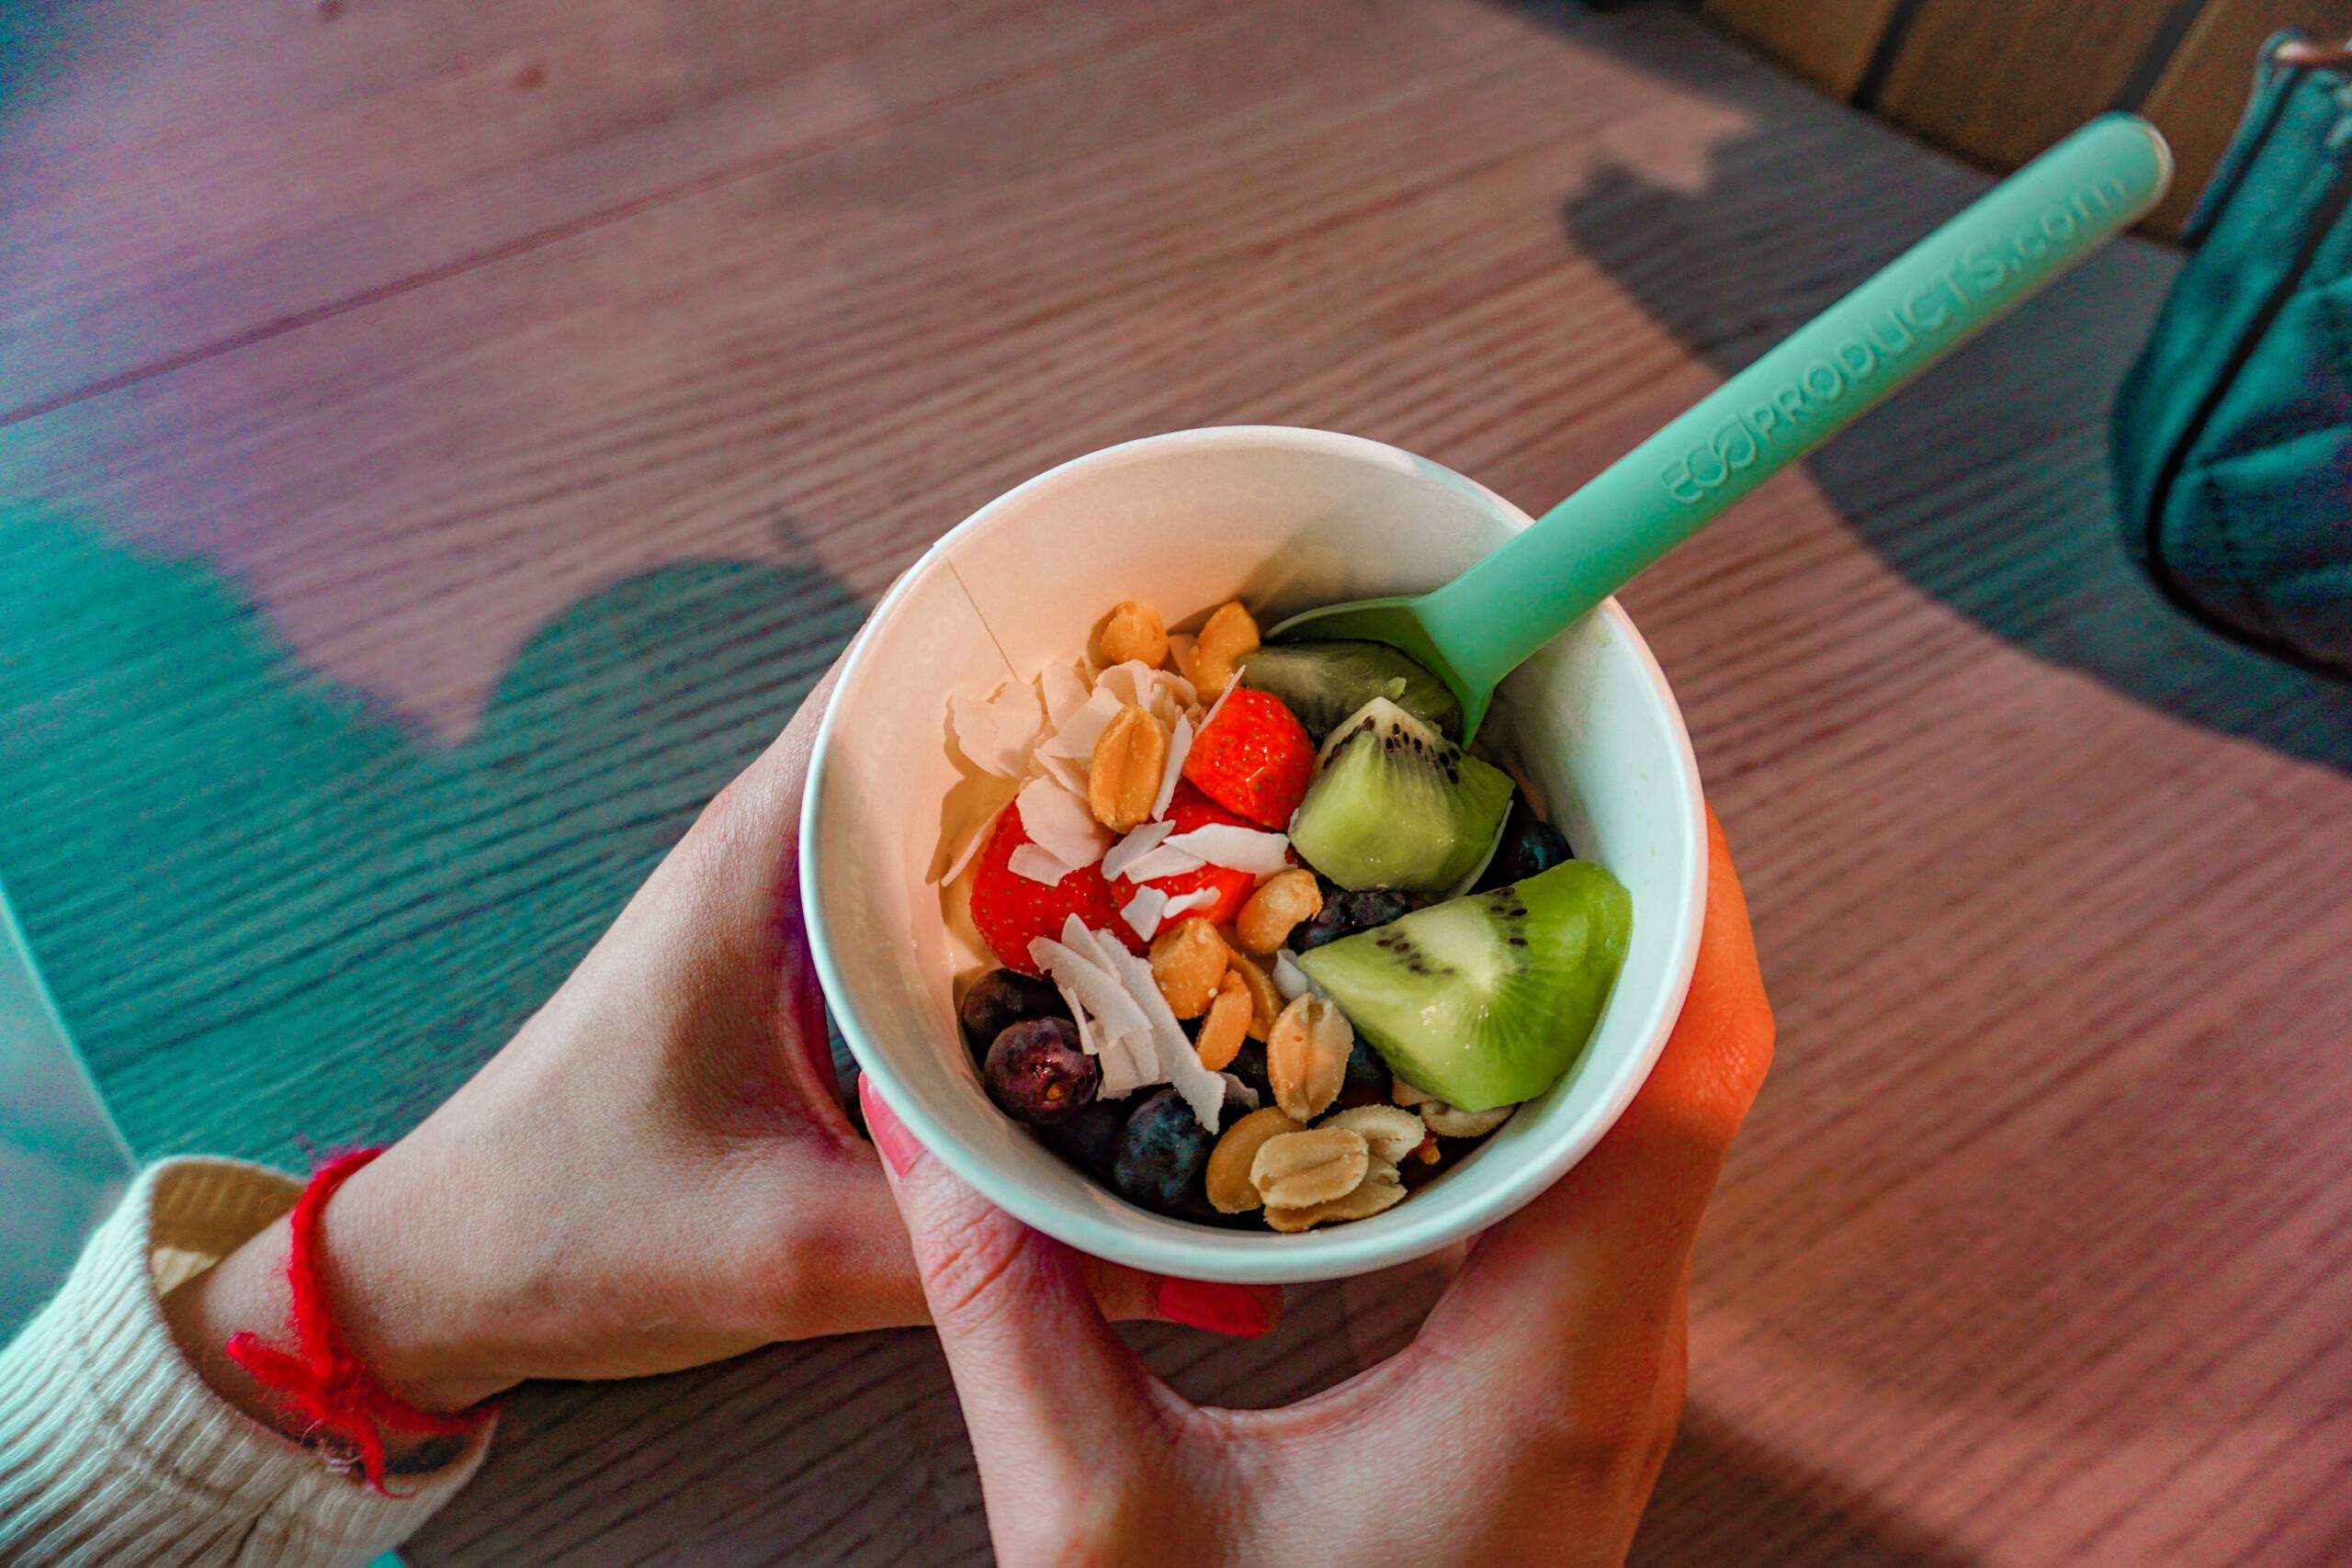 frozen youghurt